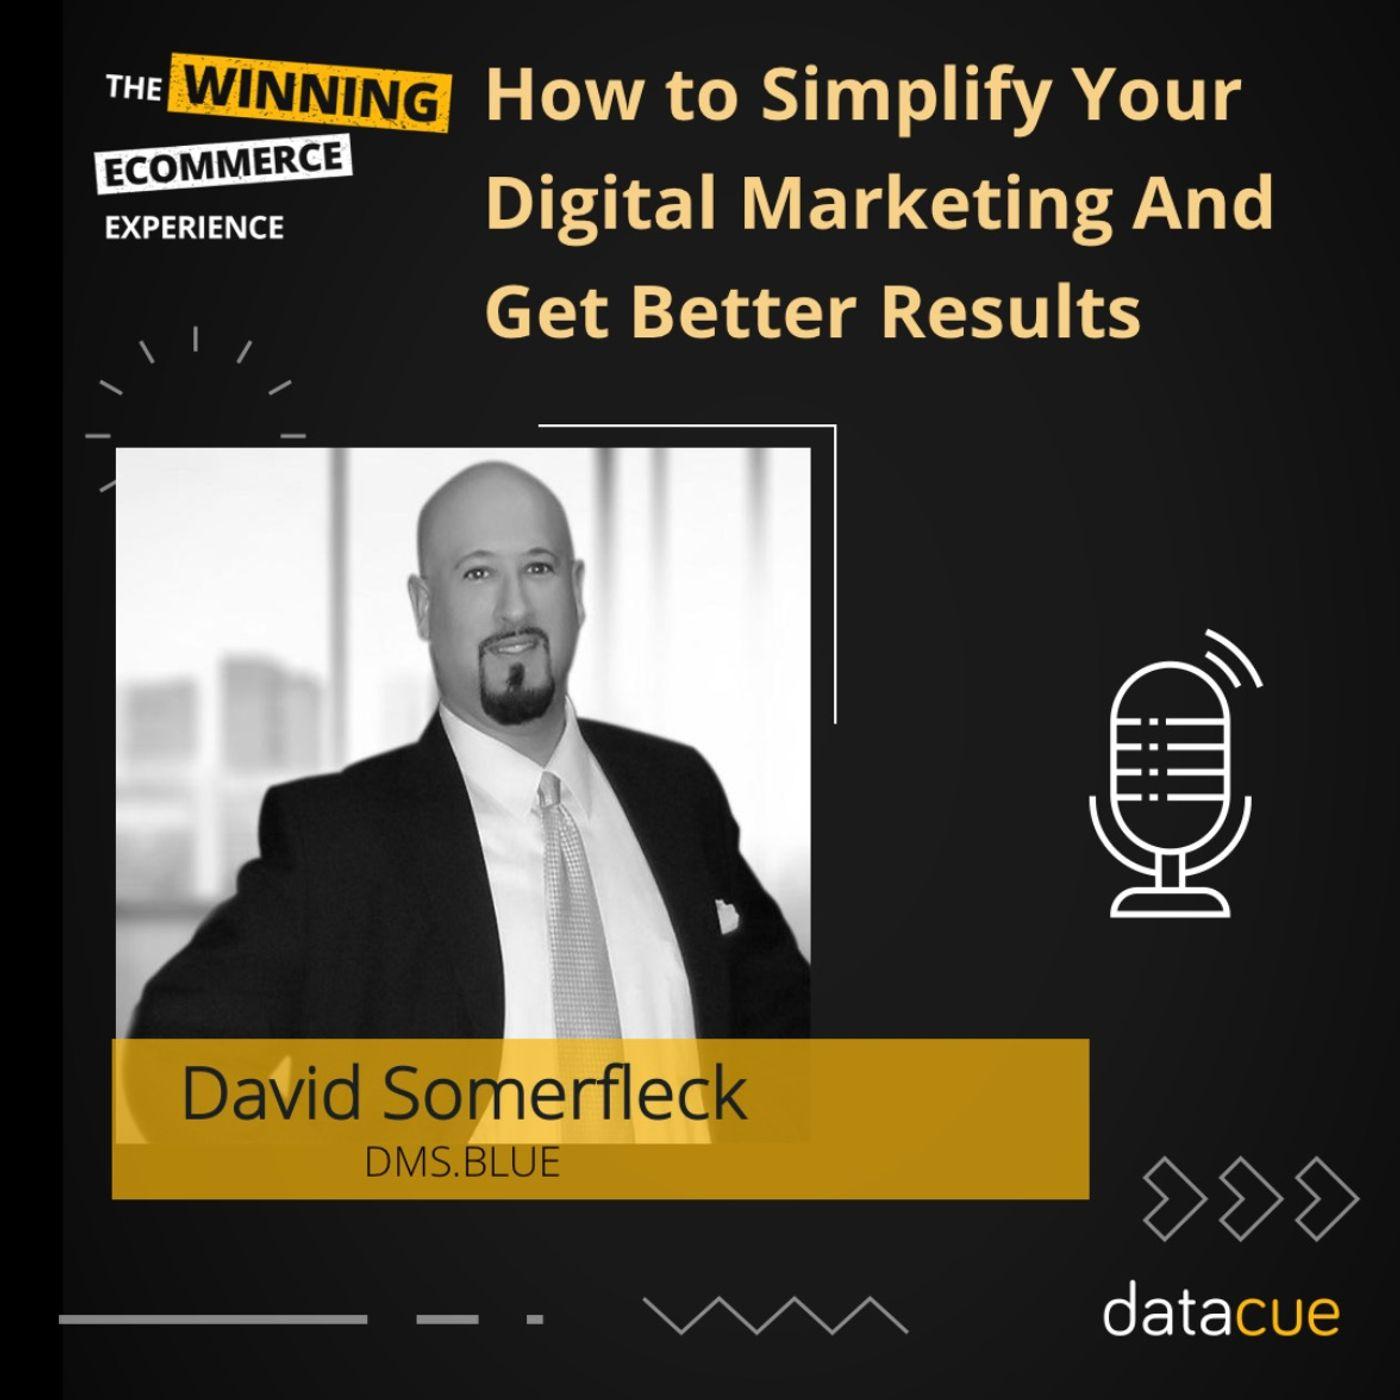 David Somerfleck